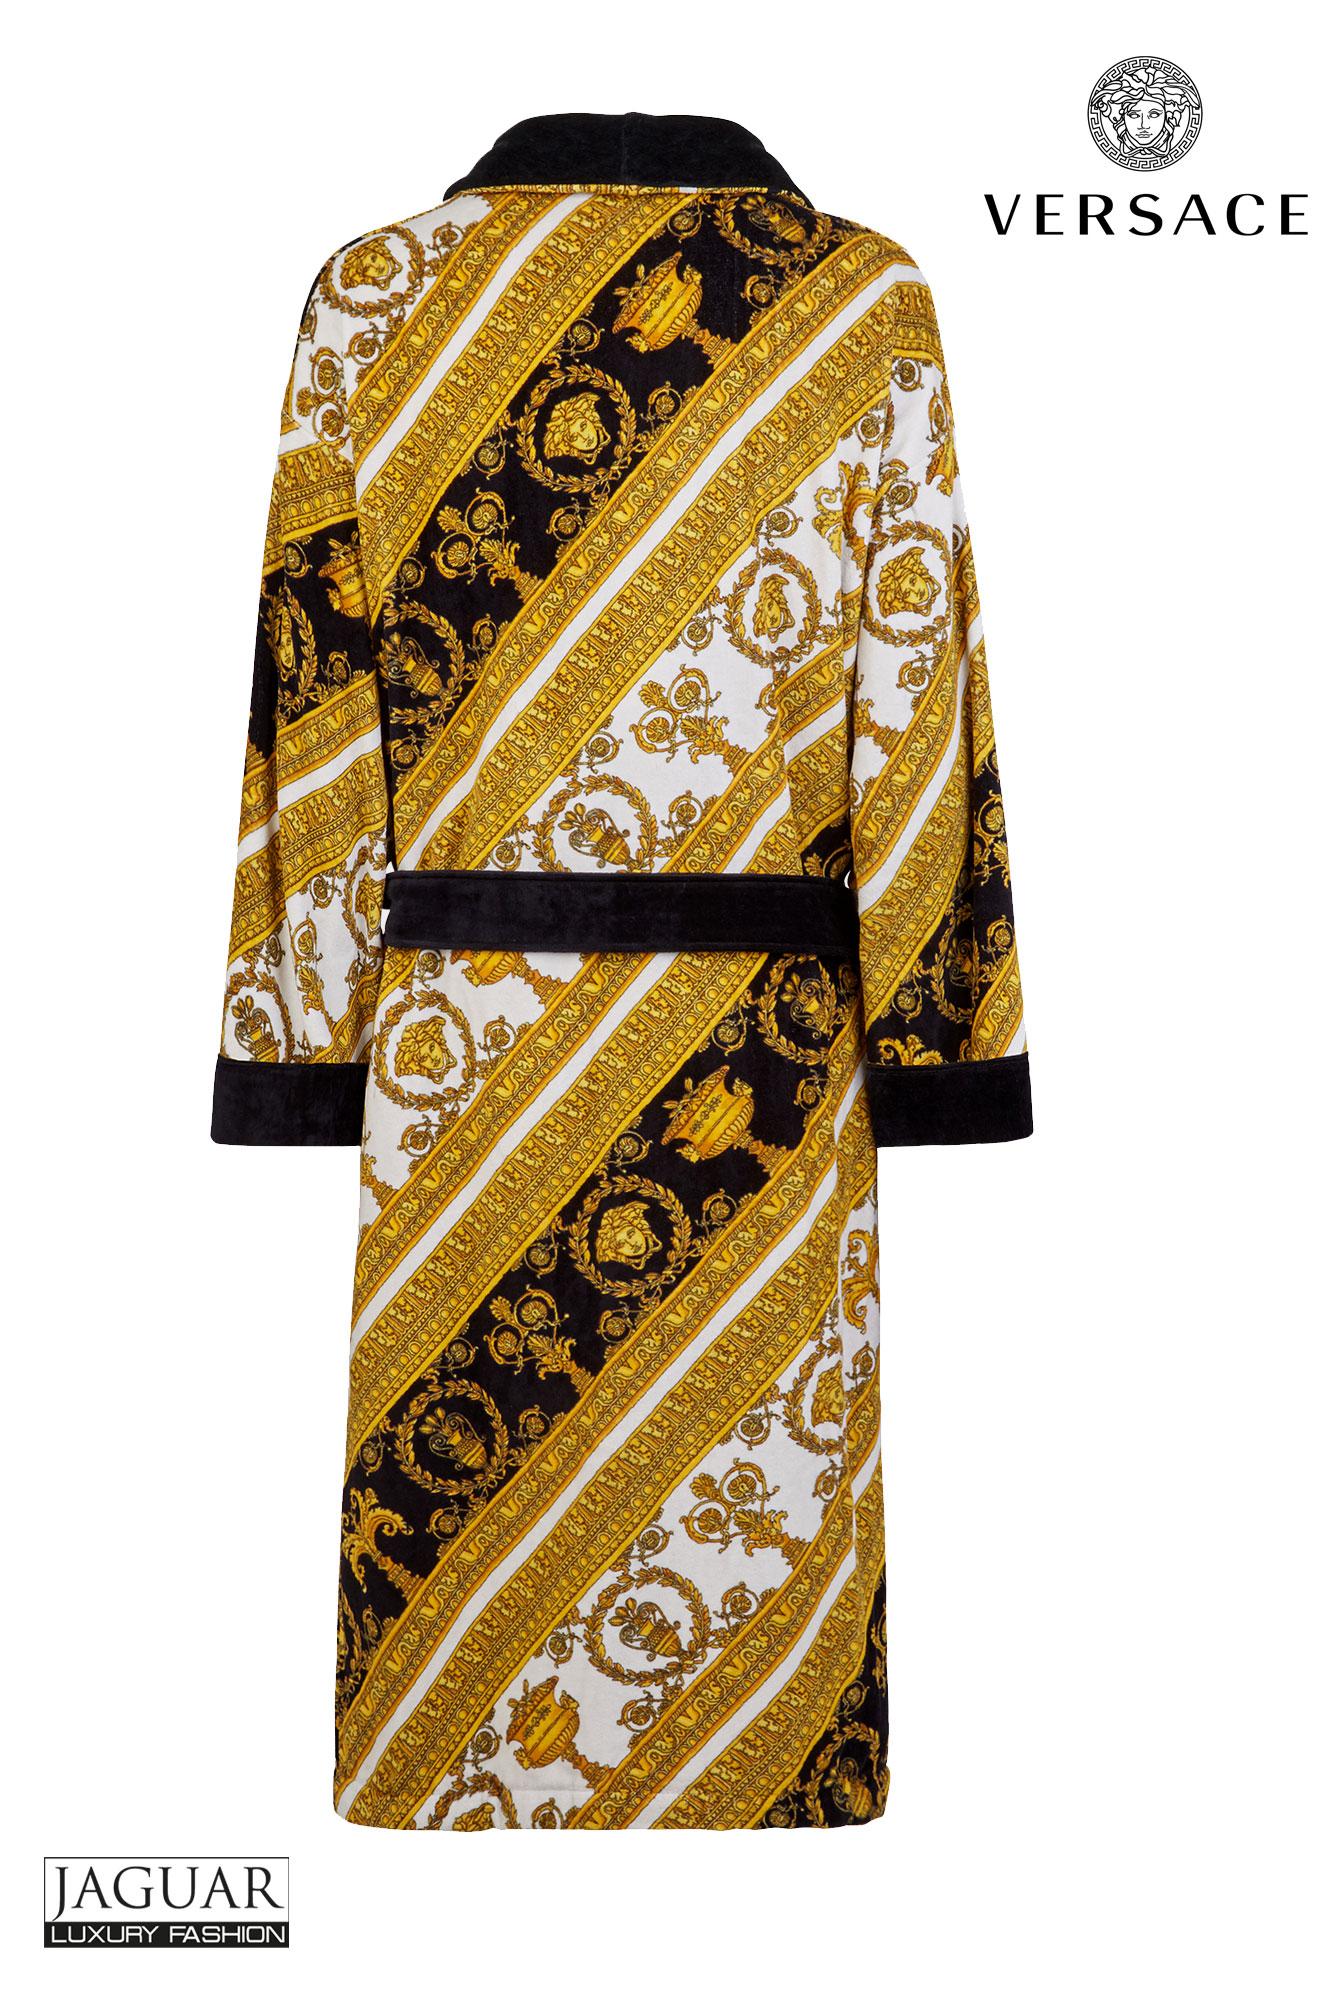 6961c0b9fc5 Versace bathrobe Bianco - oro - nero